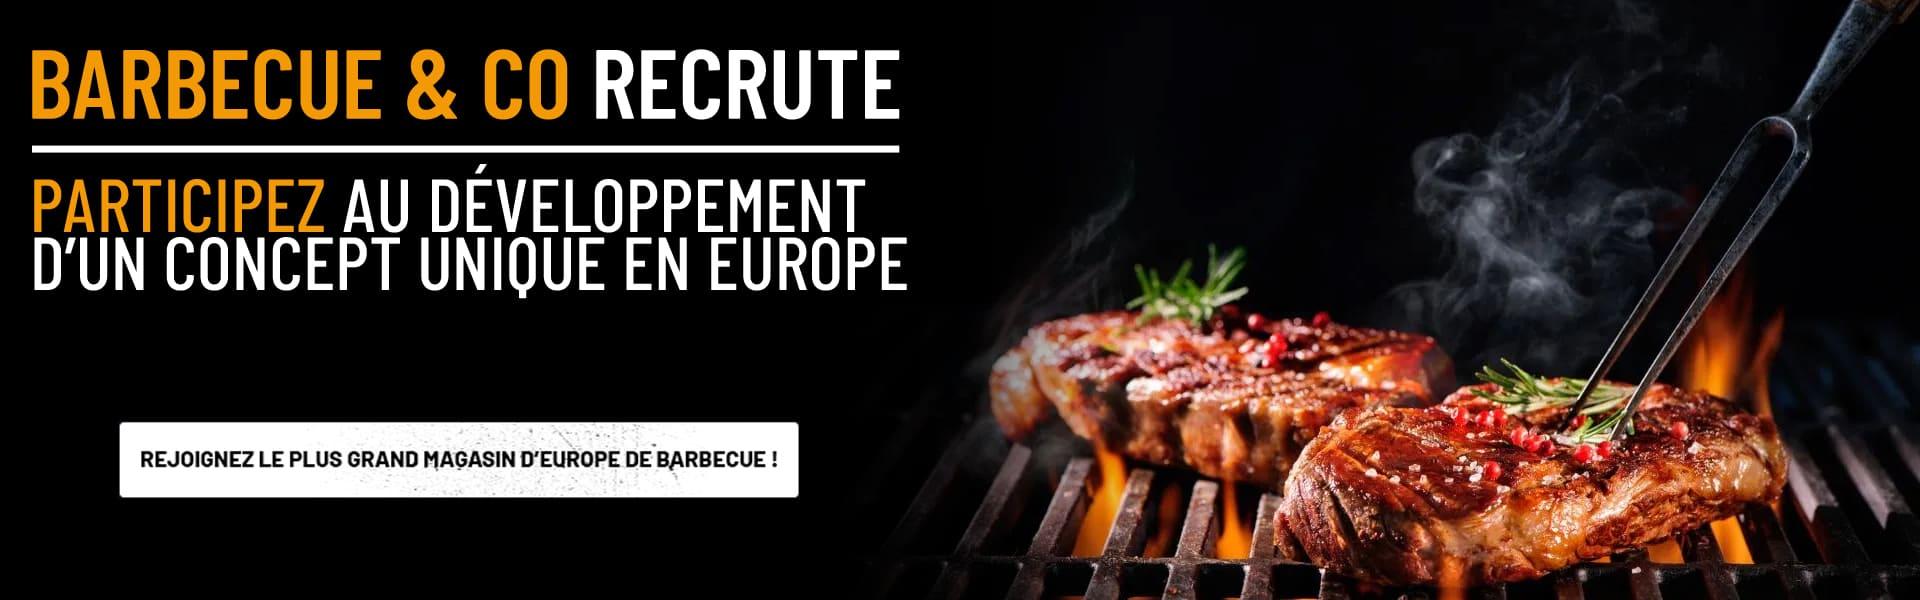 Barbecue & Co Recrute